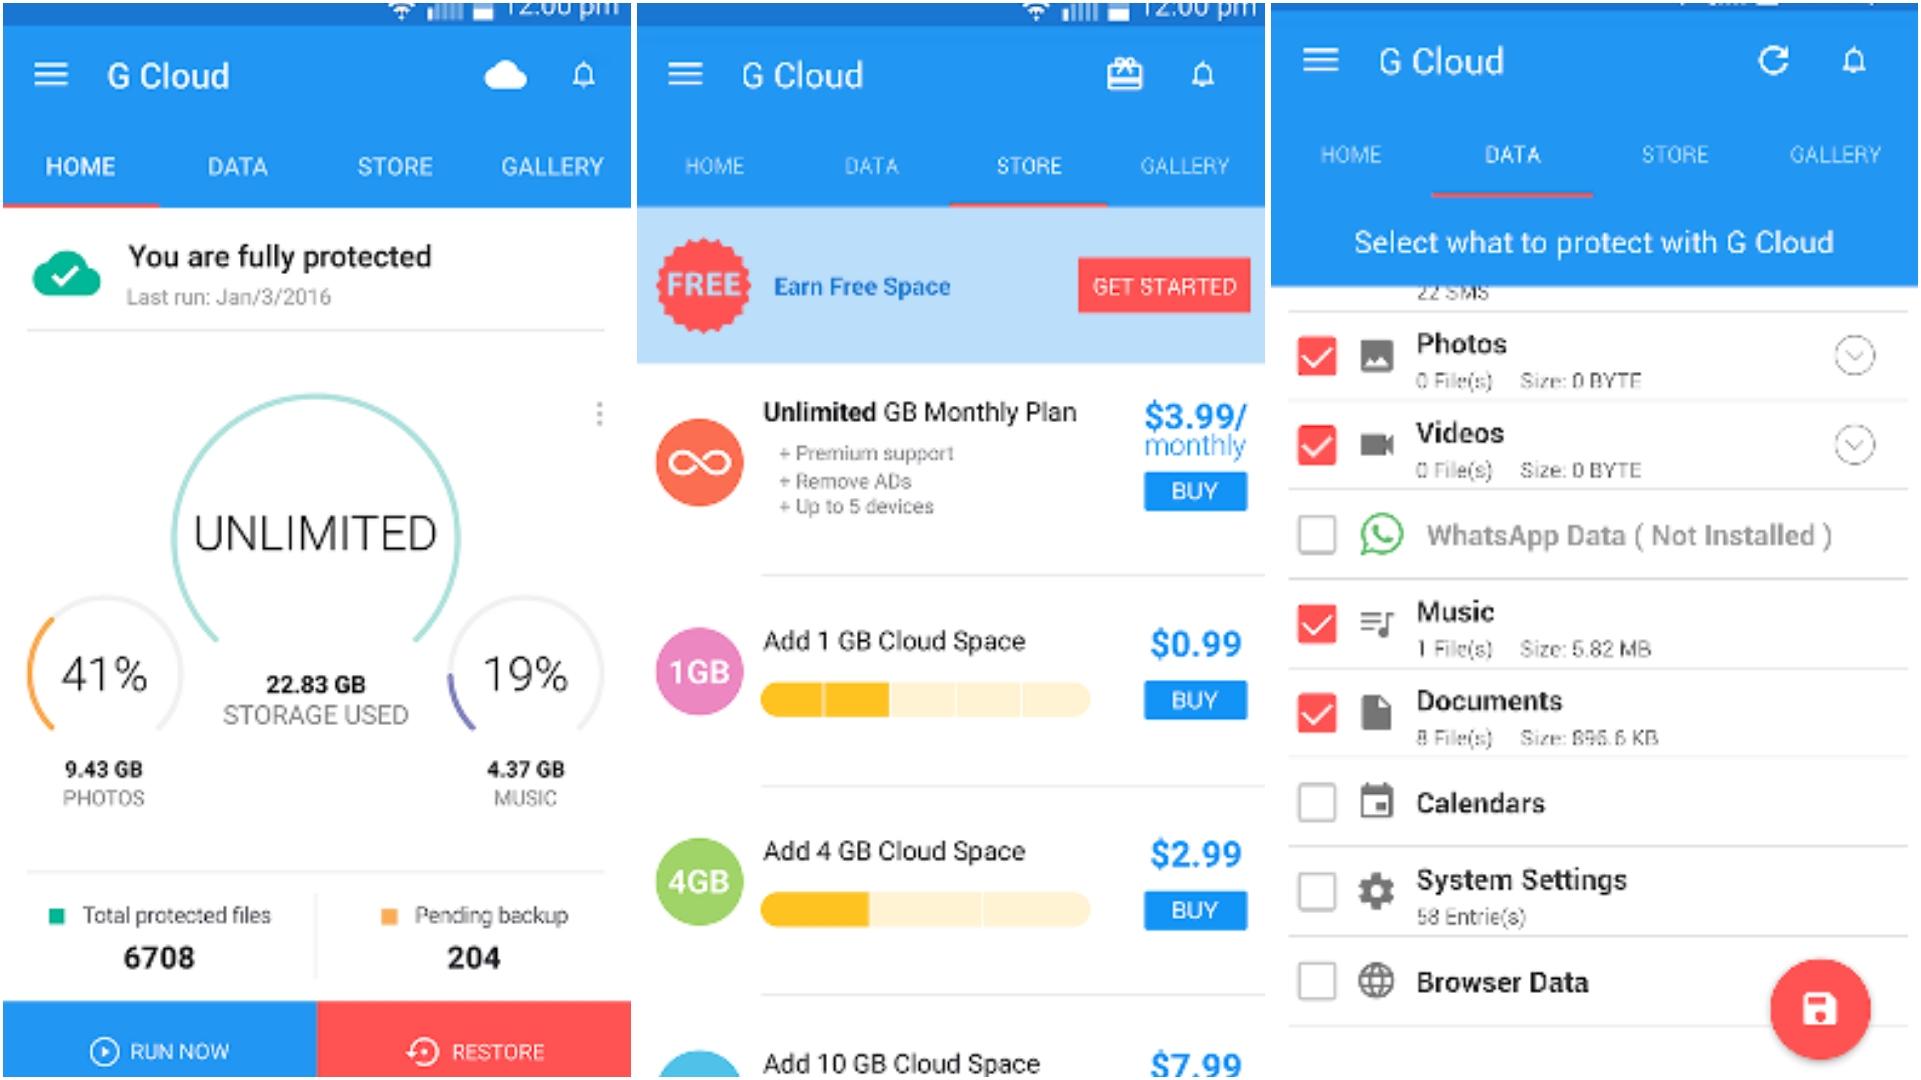 G Cloud Backup app grid image